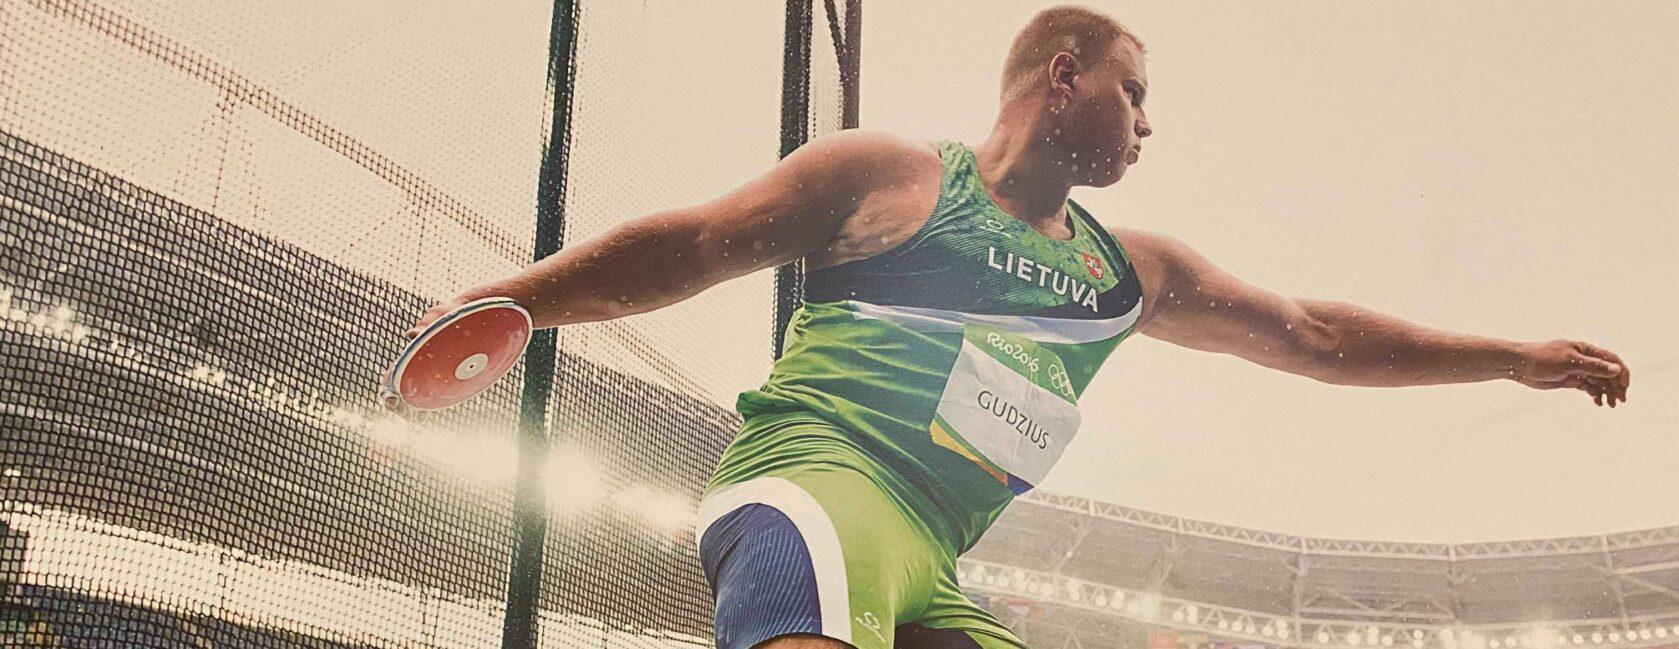 Pristatyta LTeam olimpinės rinktinės sportininkų nuotraukų galerija